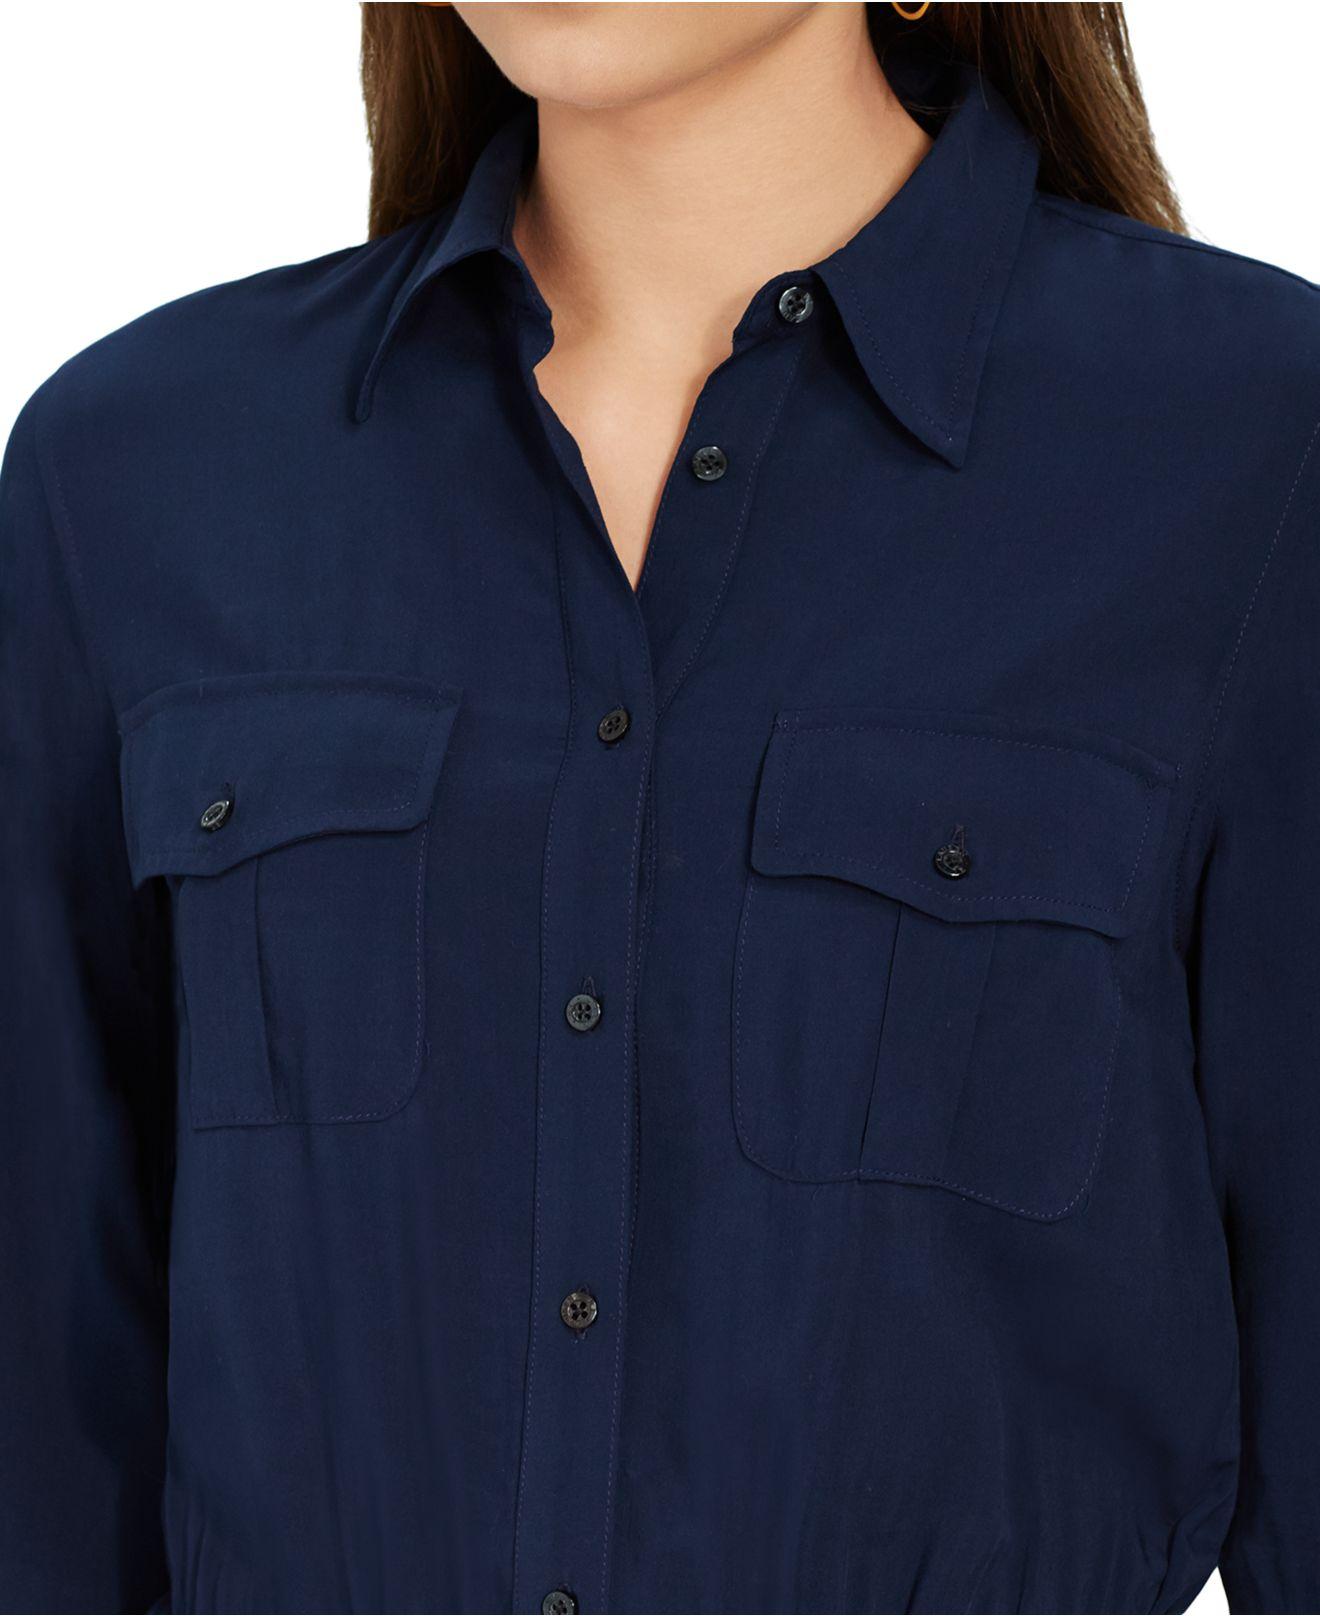 ralph laurens shirts blue men lauren ralph dresses petite